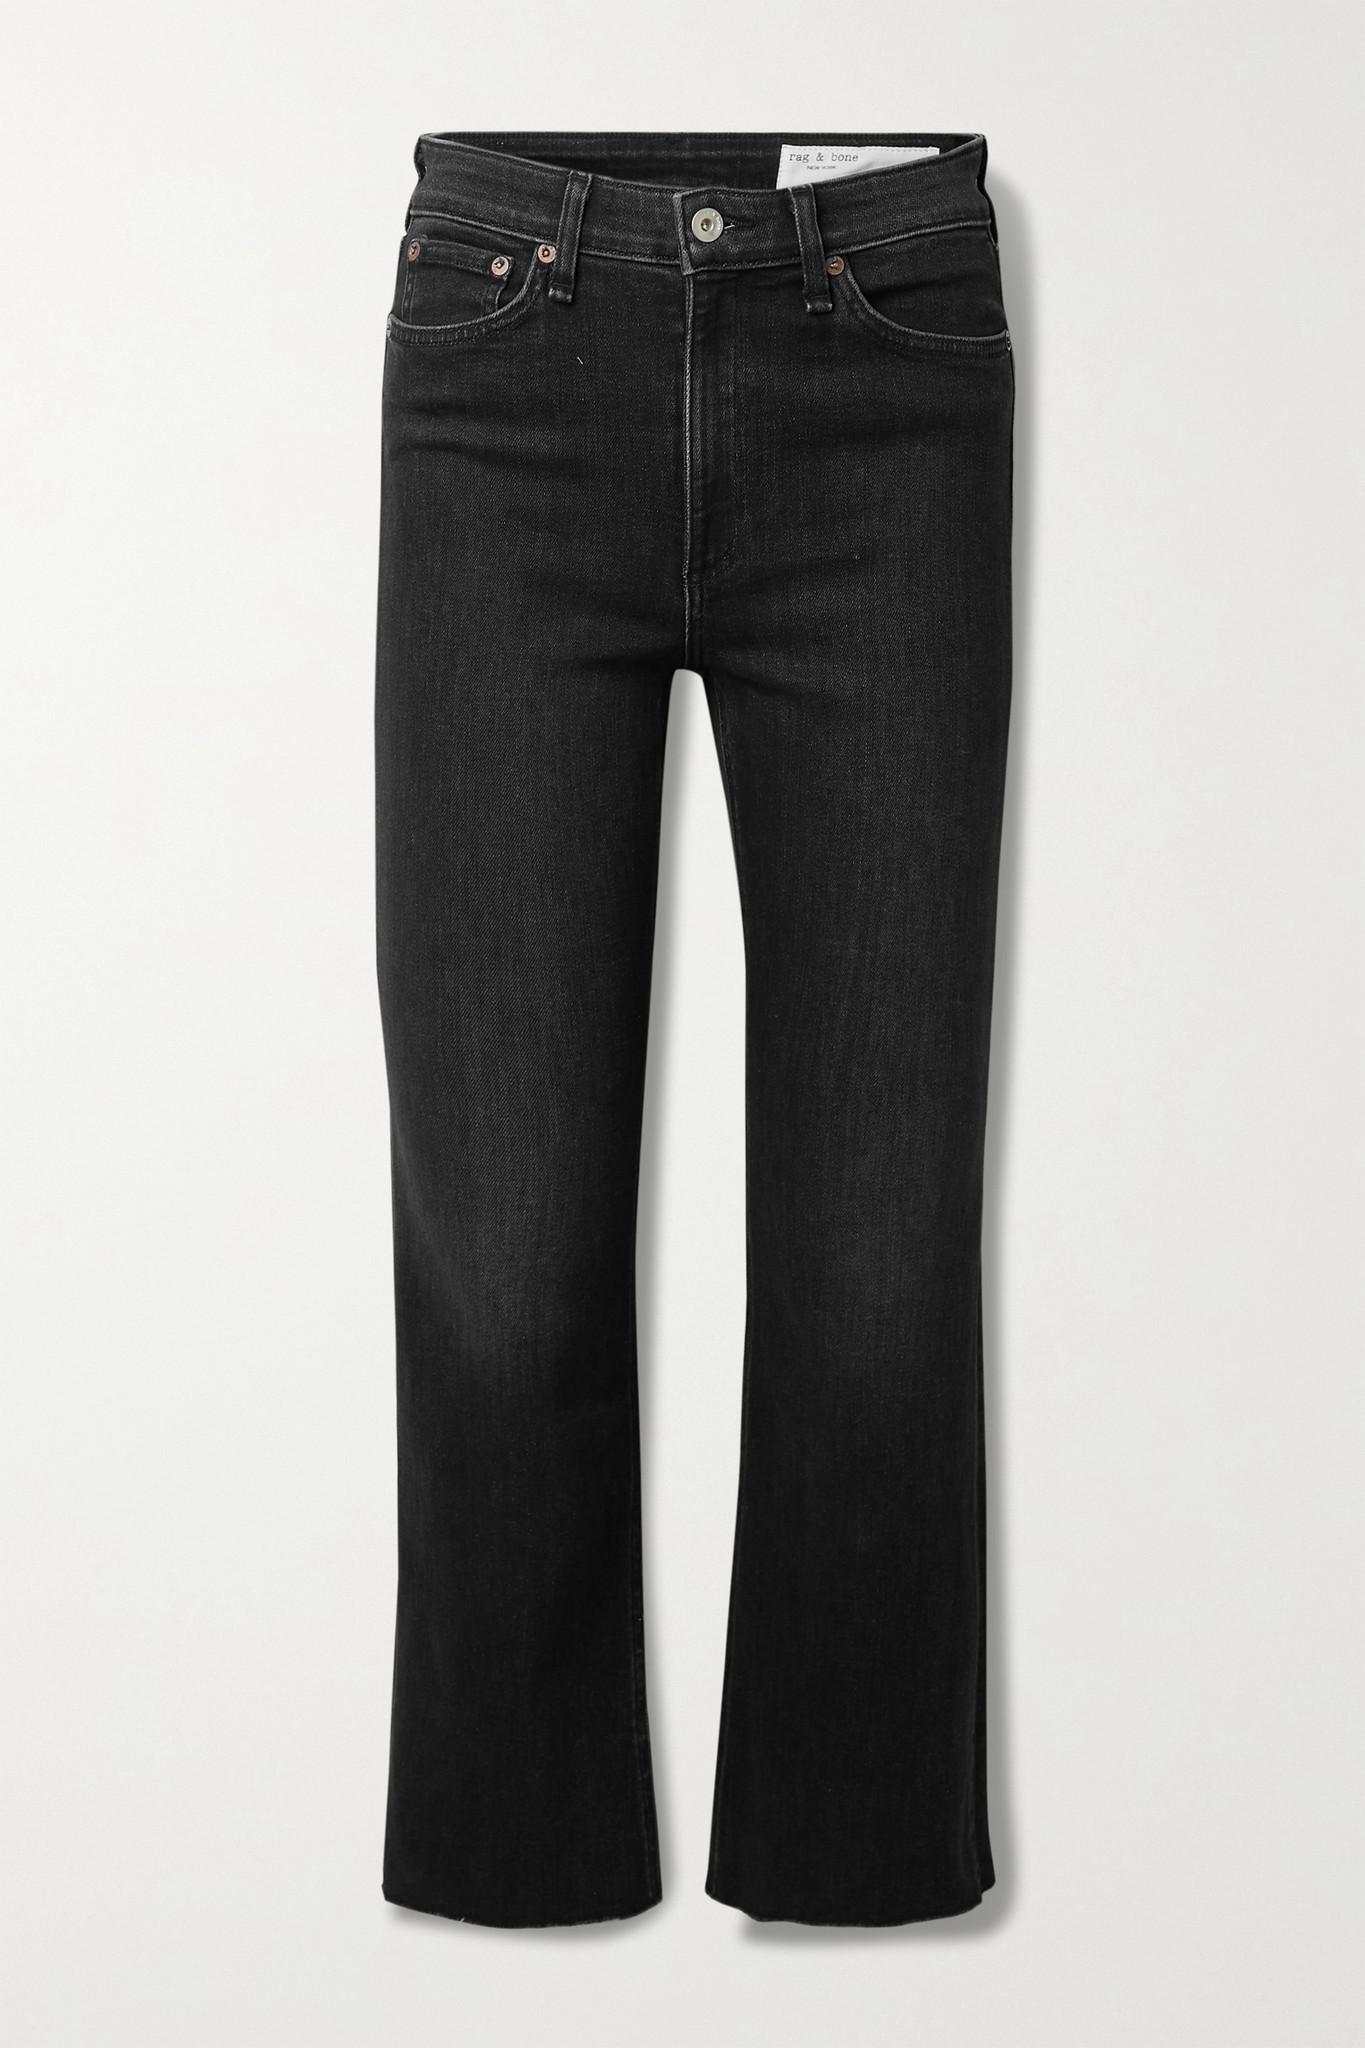 RAG & BONE - Nina Cropped High-rise Flared Jeans - Black - 31